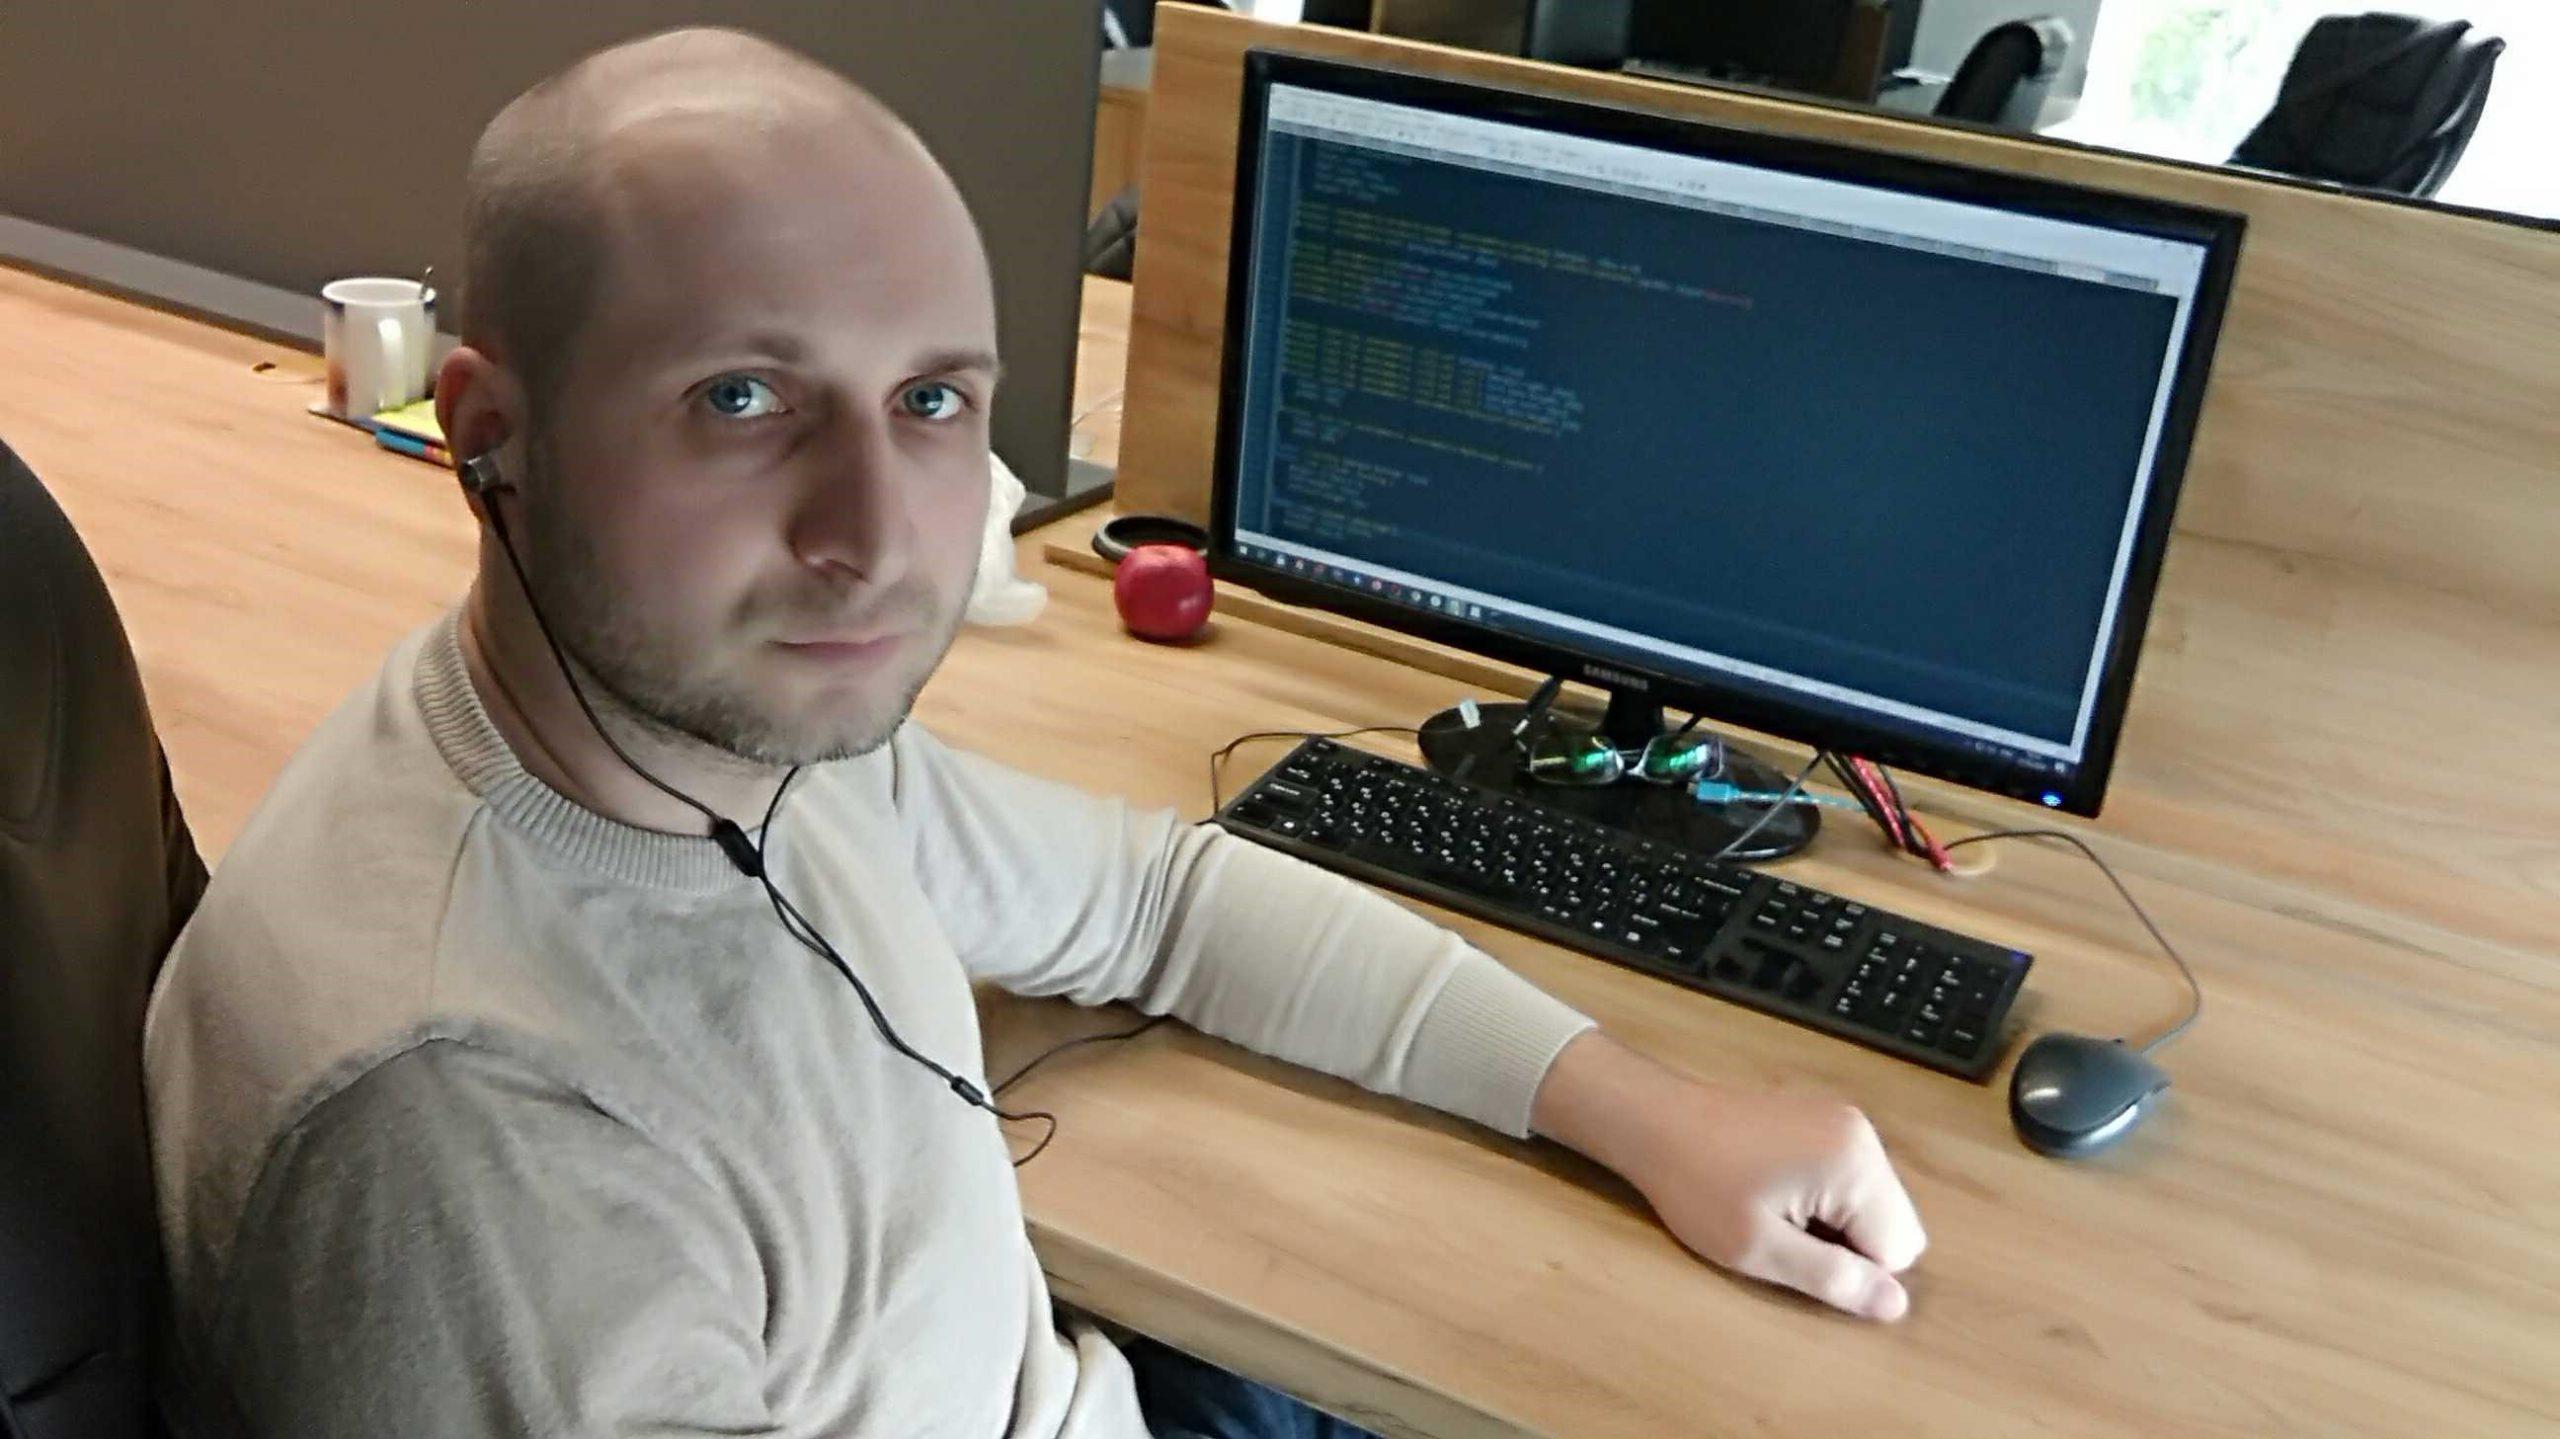 Evgeny Shafranovich